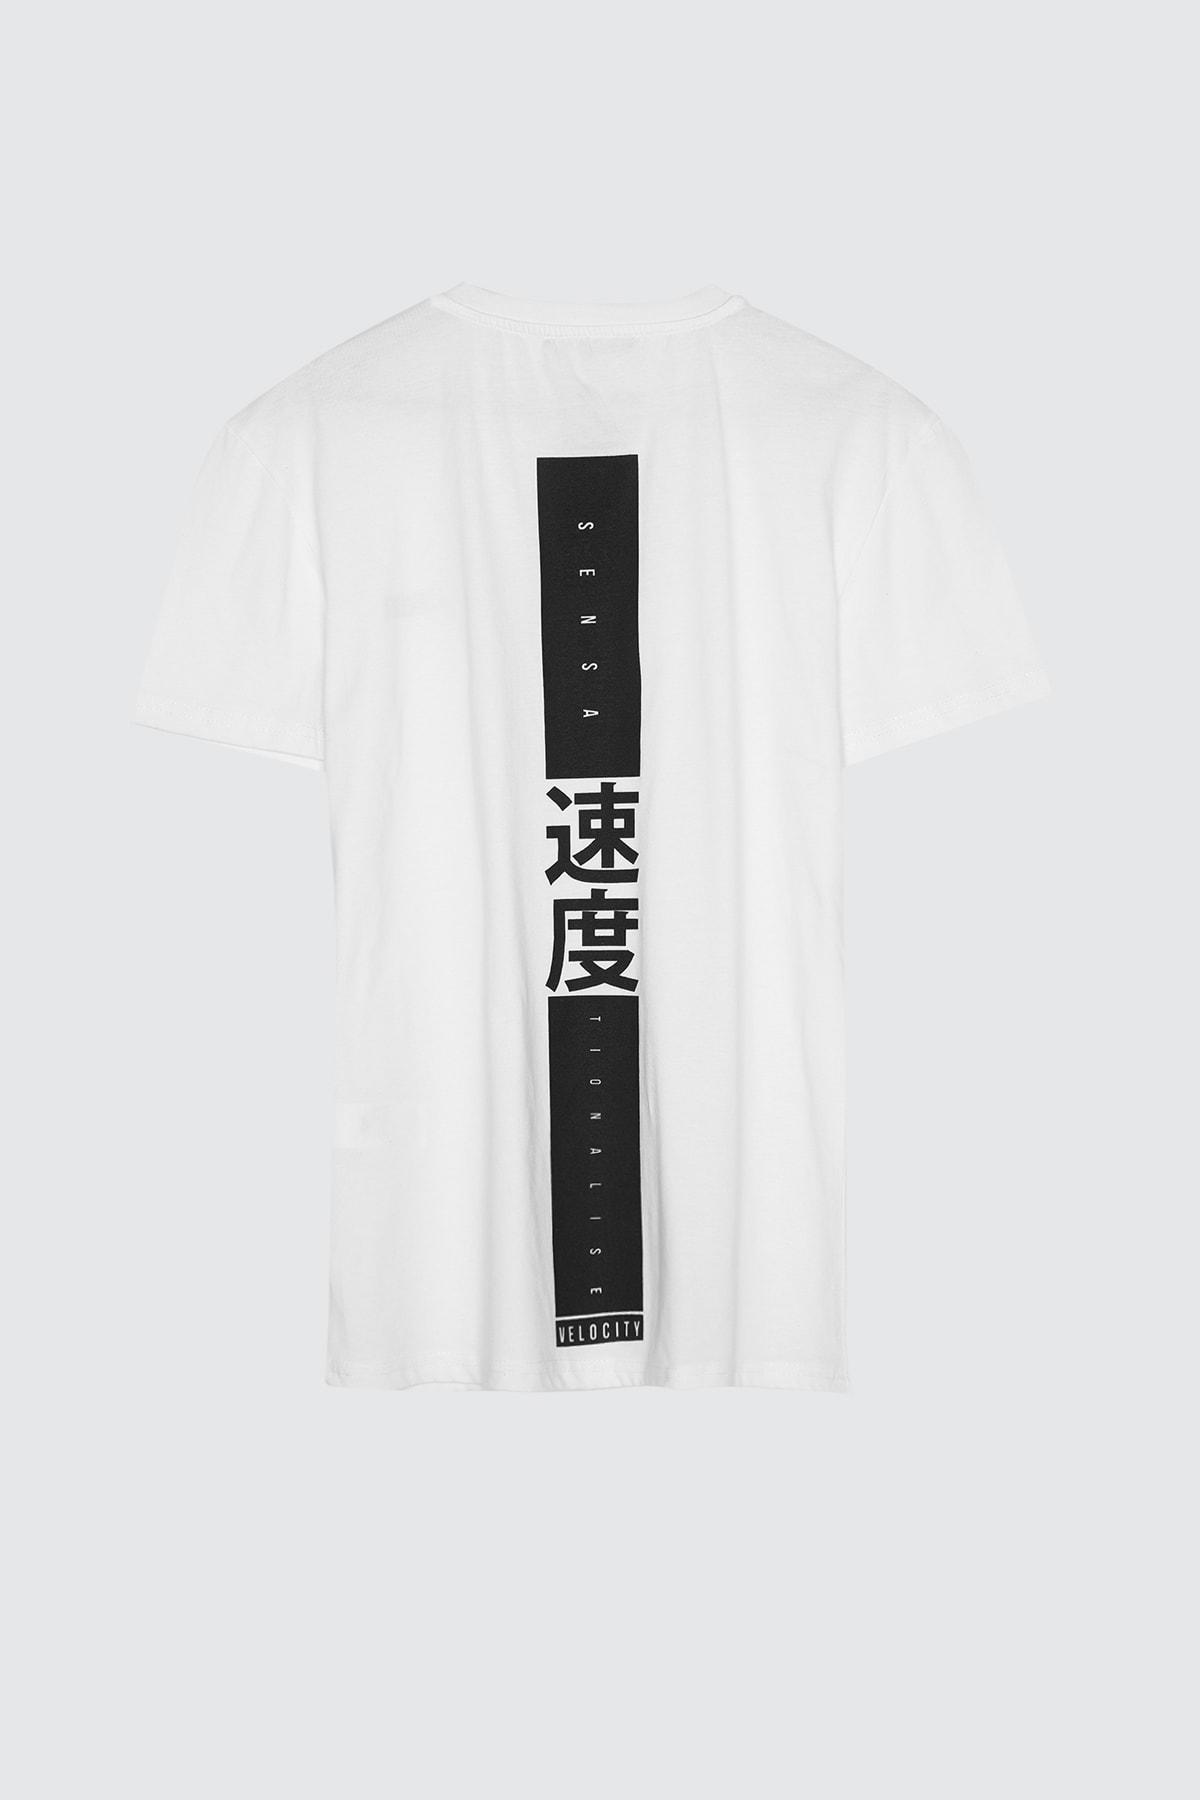 تی شرت مردانه ترک جدید برند ترندیول مرد کد ty38563339